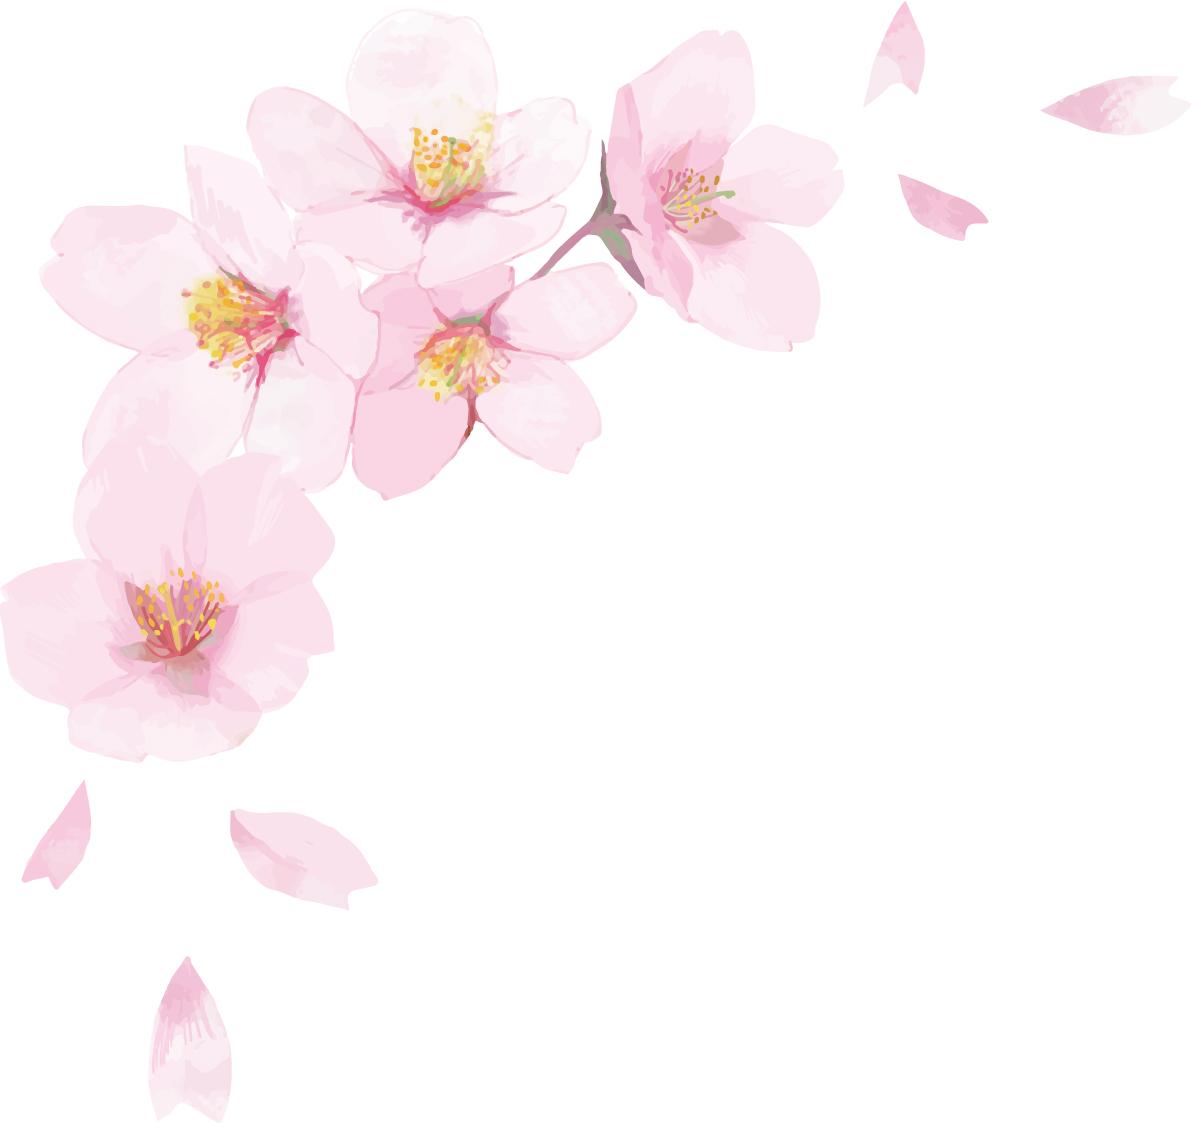 3月20日(金・祝)合唱松本会場練習中止のお知らせ